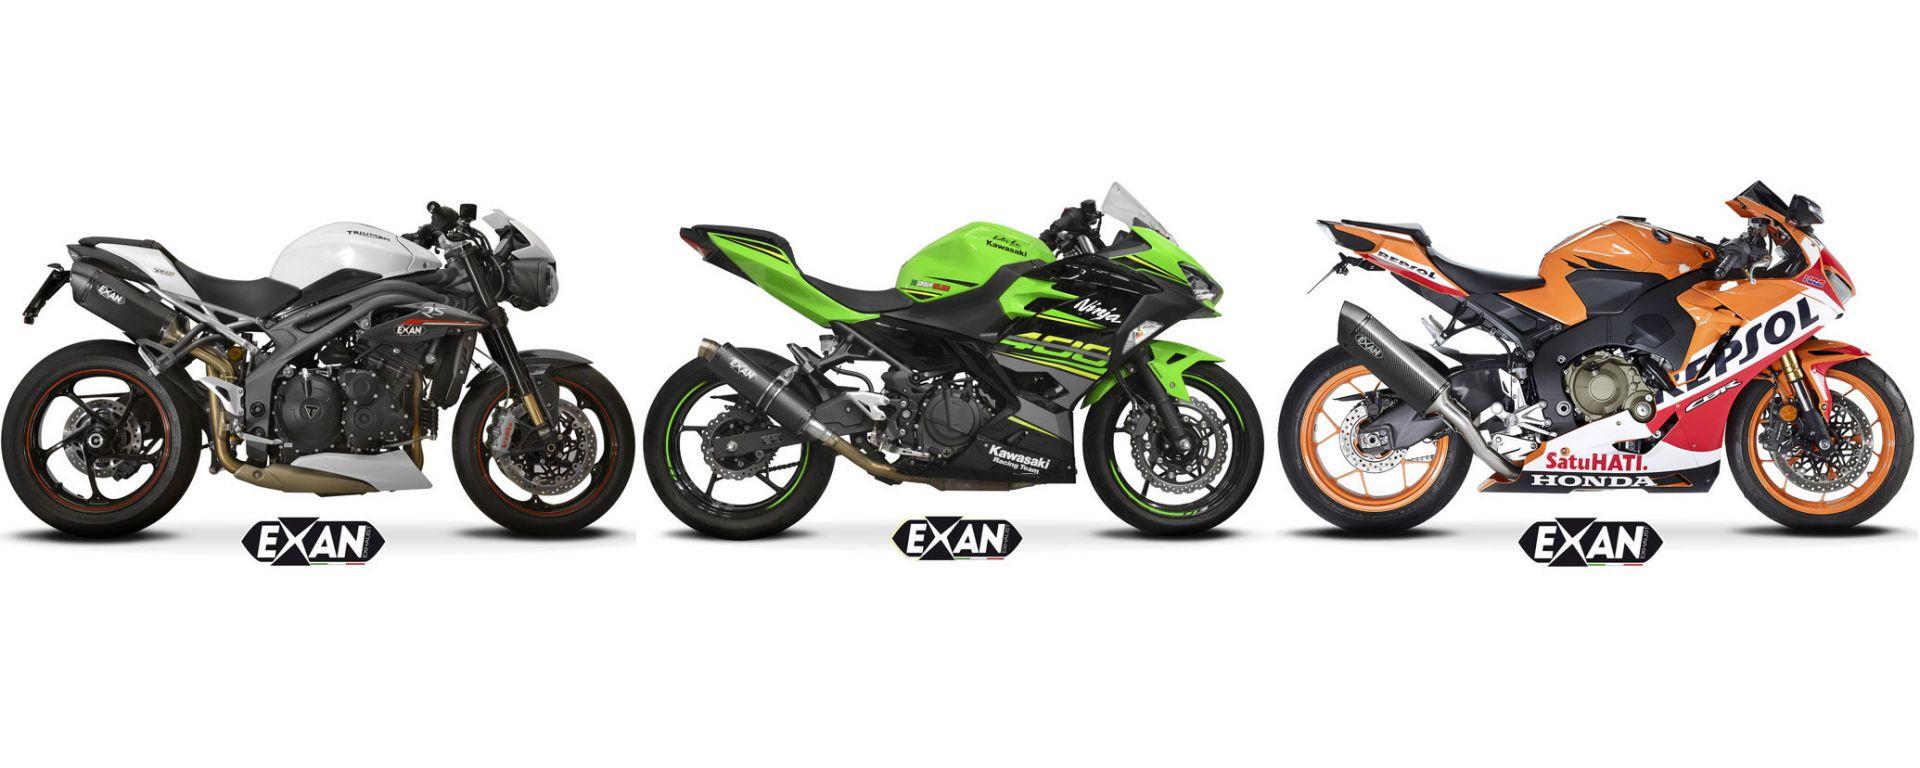 I nuovi scarichi Exan per Honda, Kawasaki e Triumph